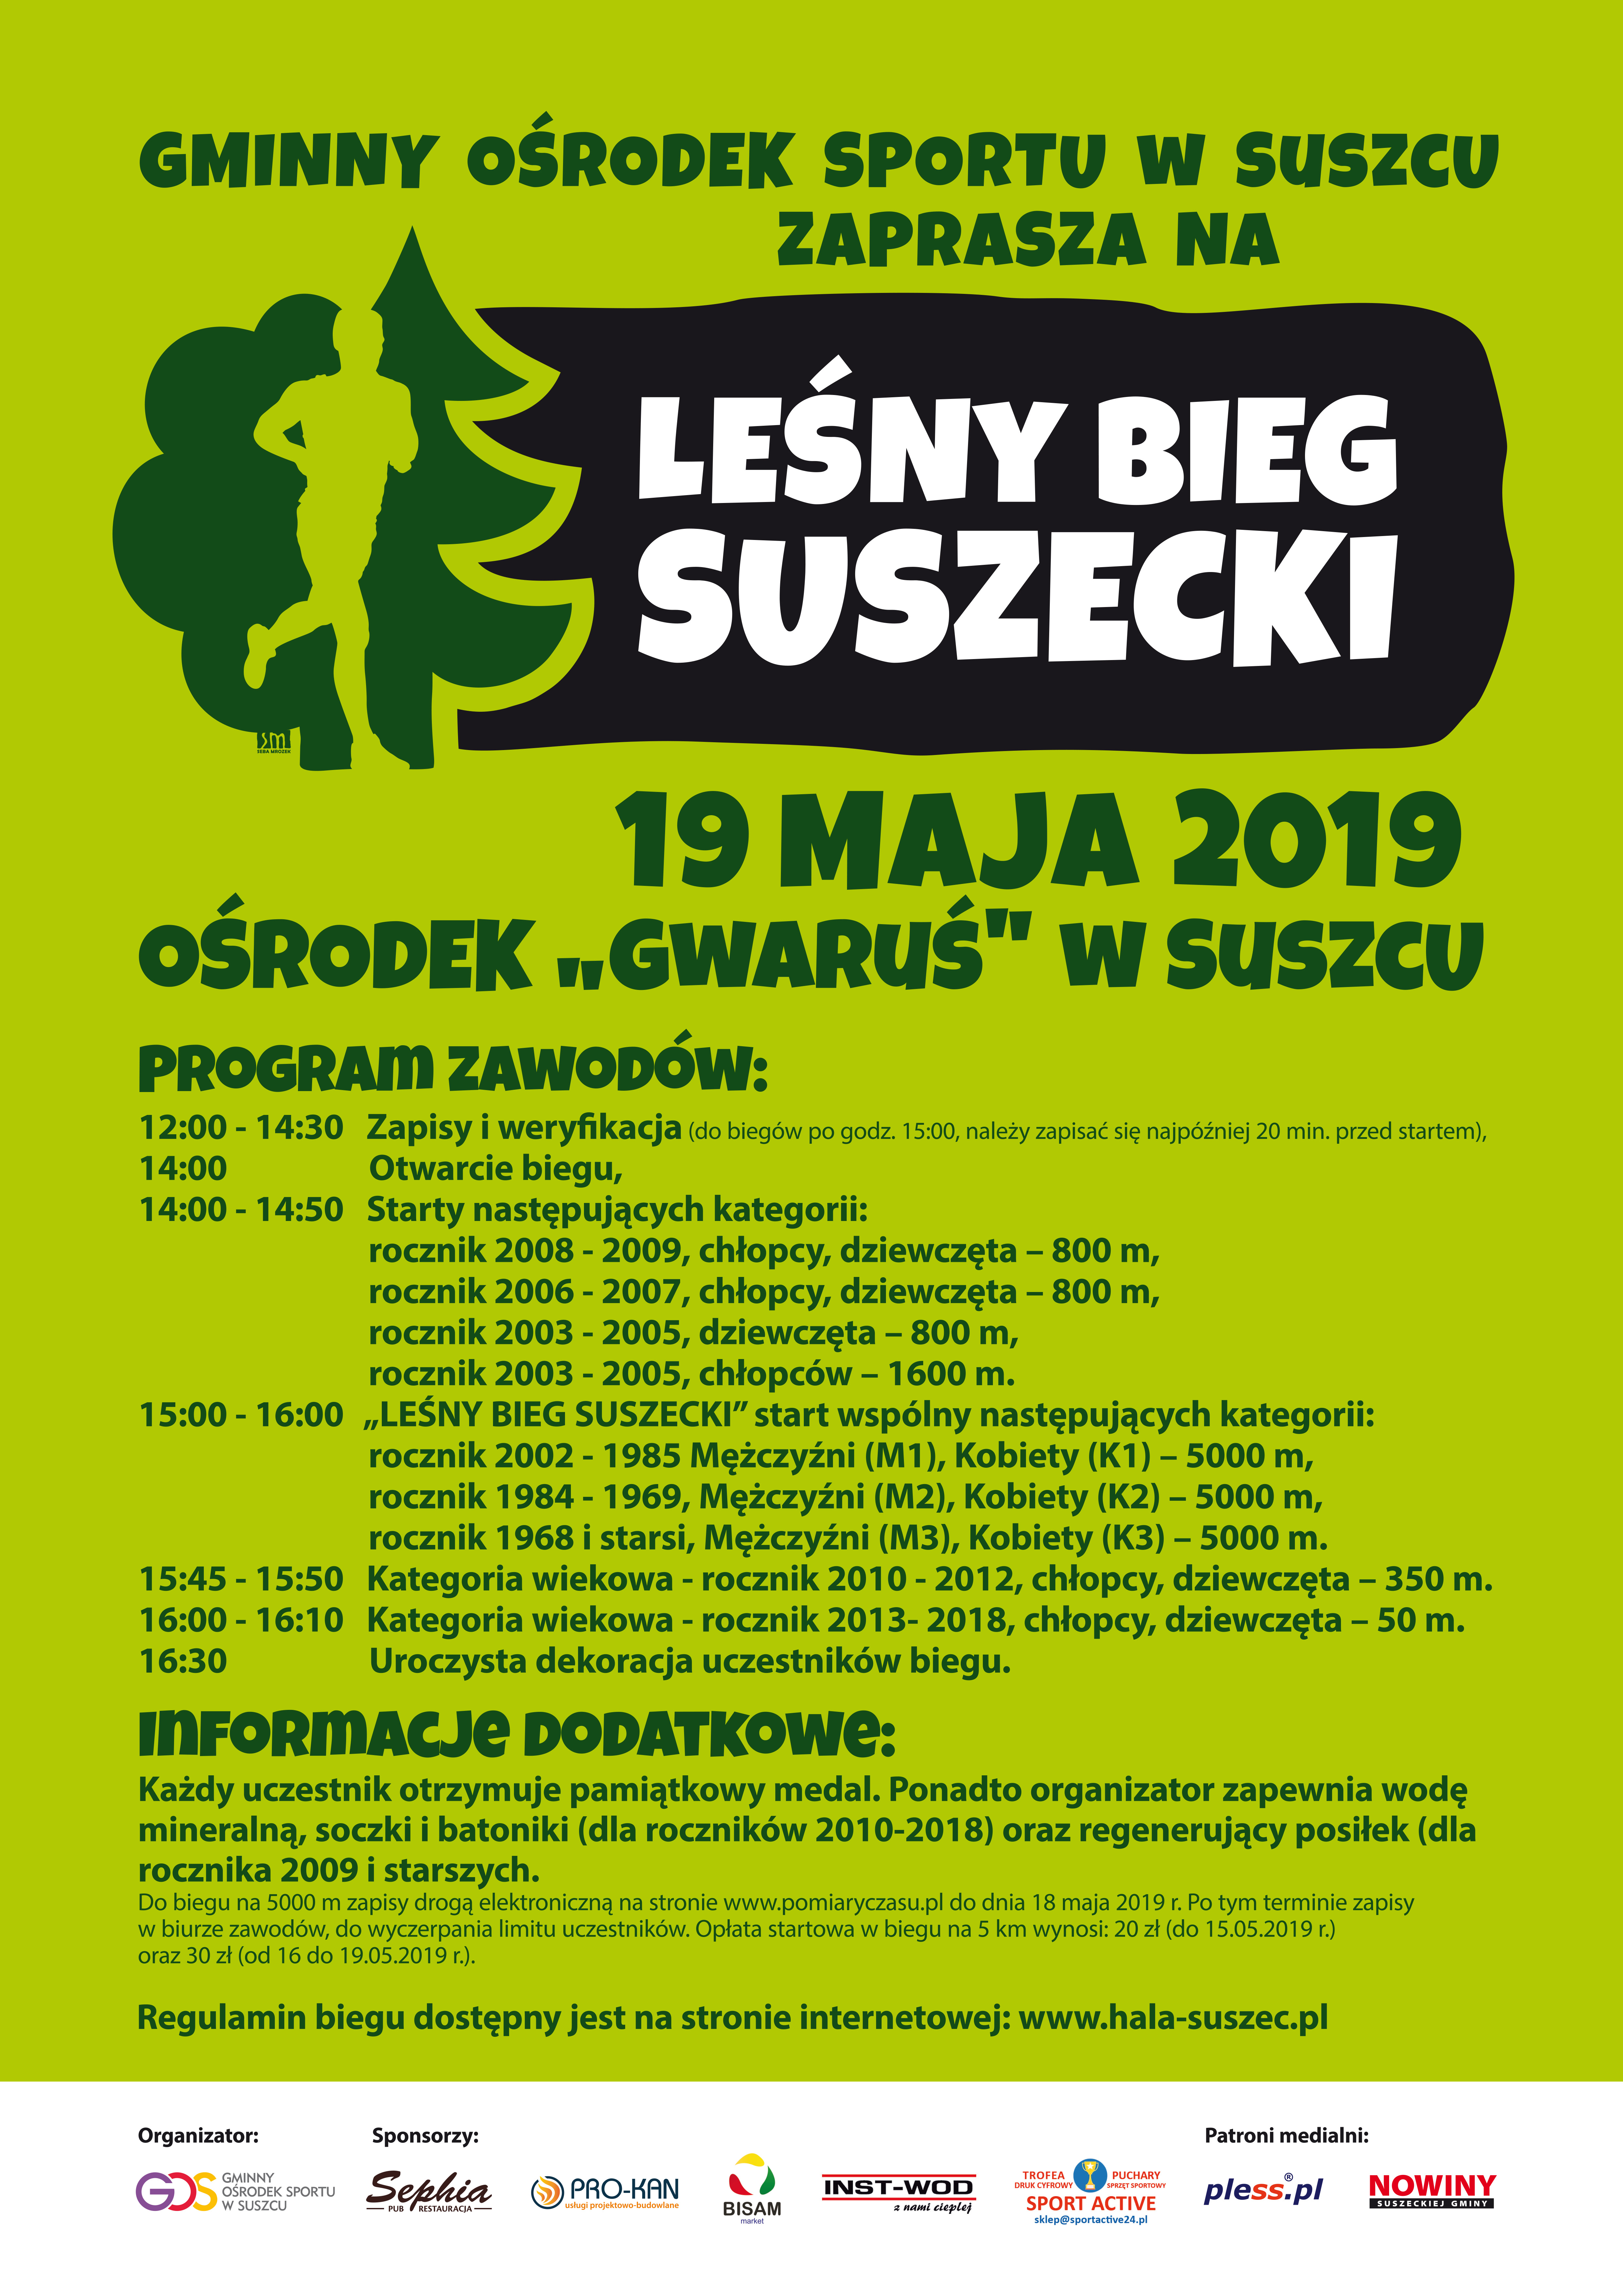 Leśny Bieg Suszecki